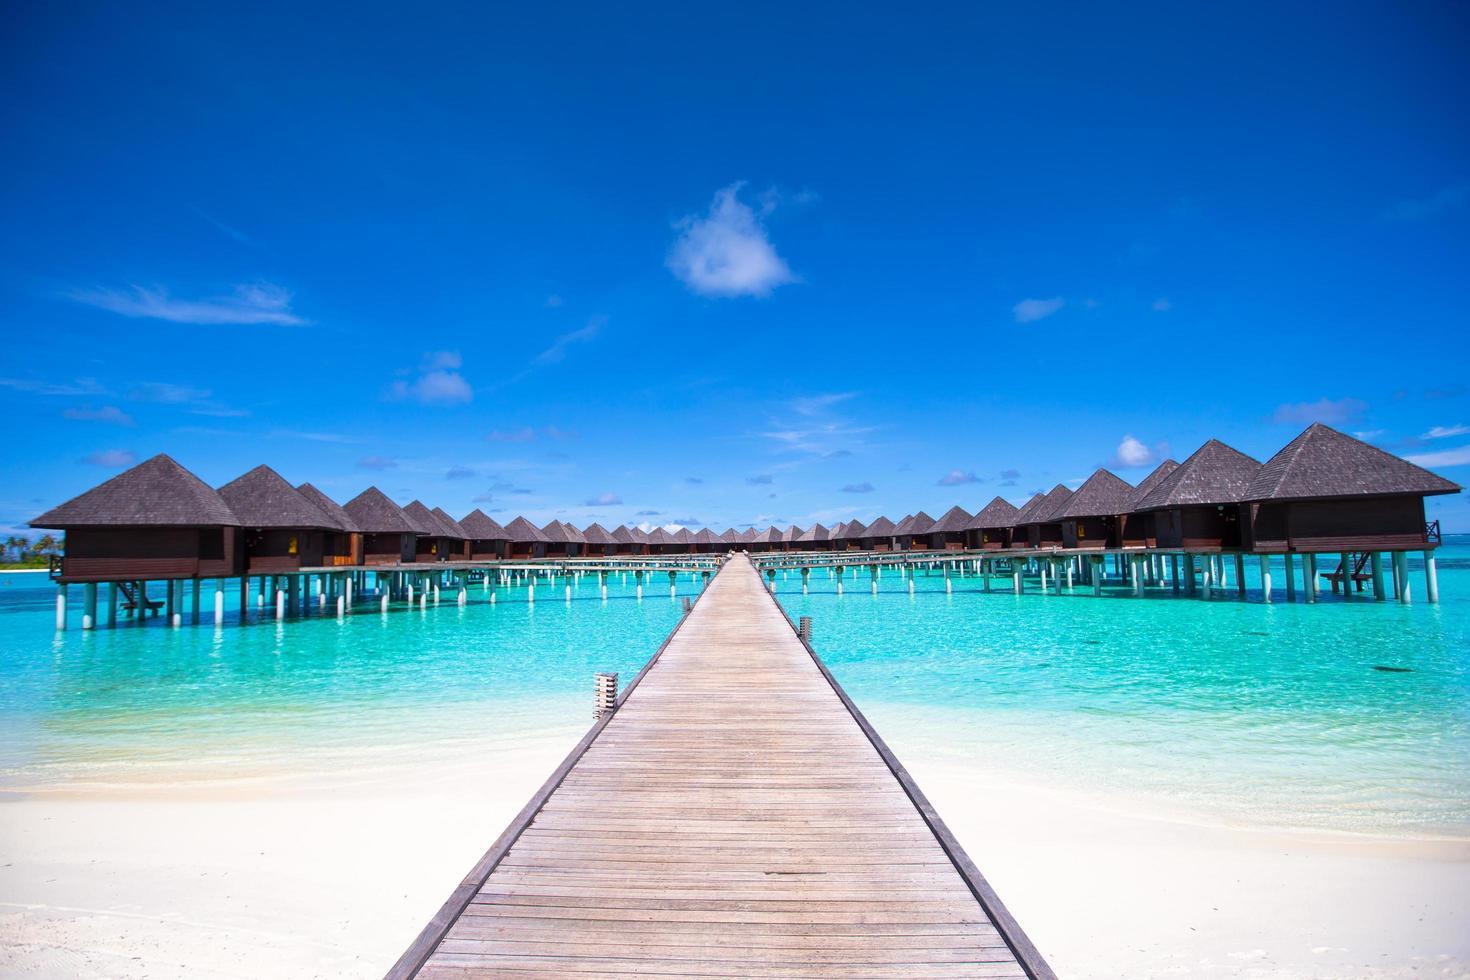 Maldivas, Asia del Sur, 2020 - bungalows de agua y embarcadero de madera foto